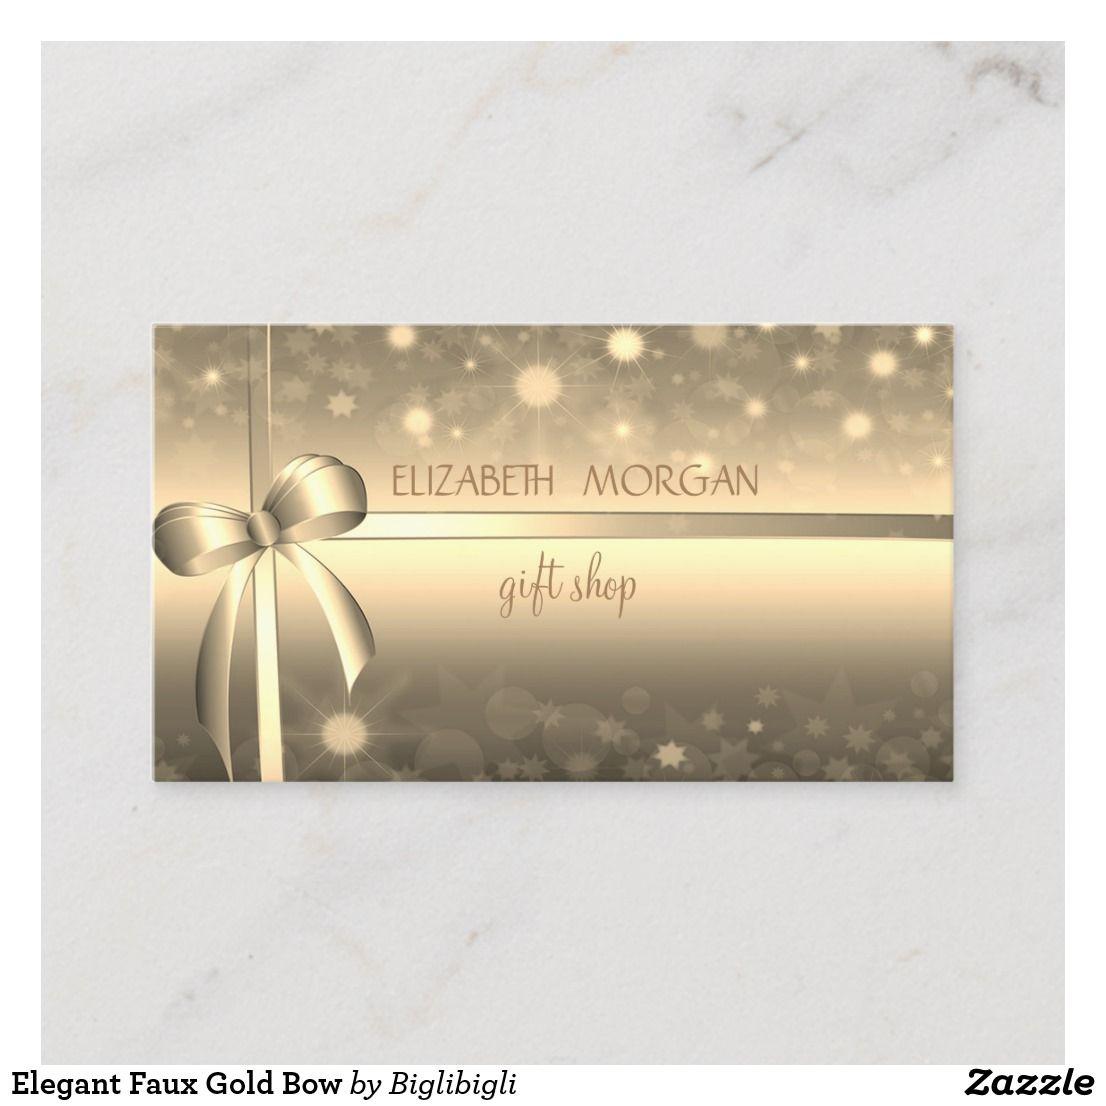 Elegant Faux Gold Bow Business Card Zazzle Com Elegant Business Cards Faux Bows